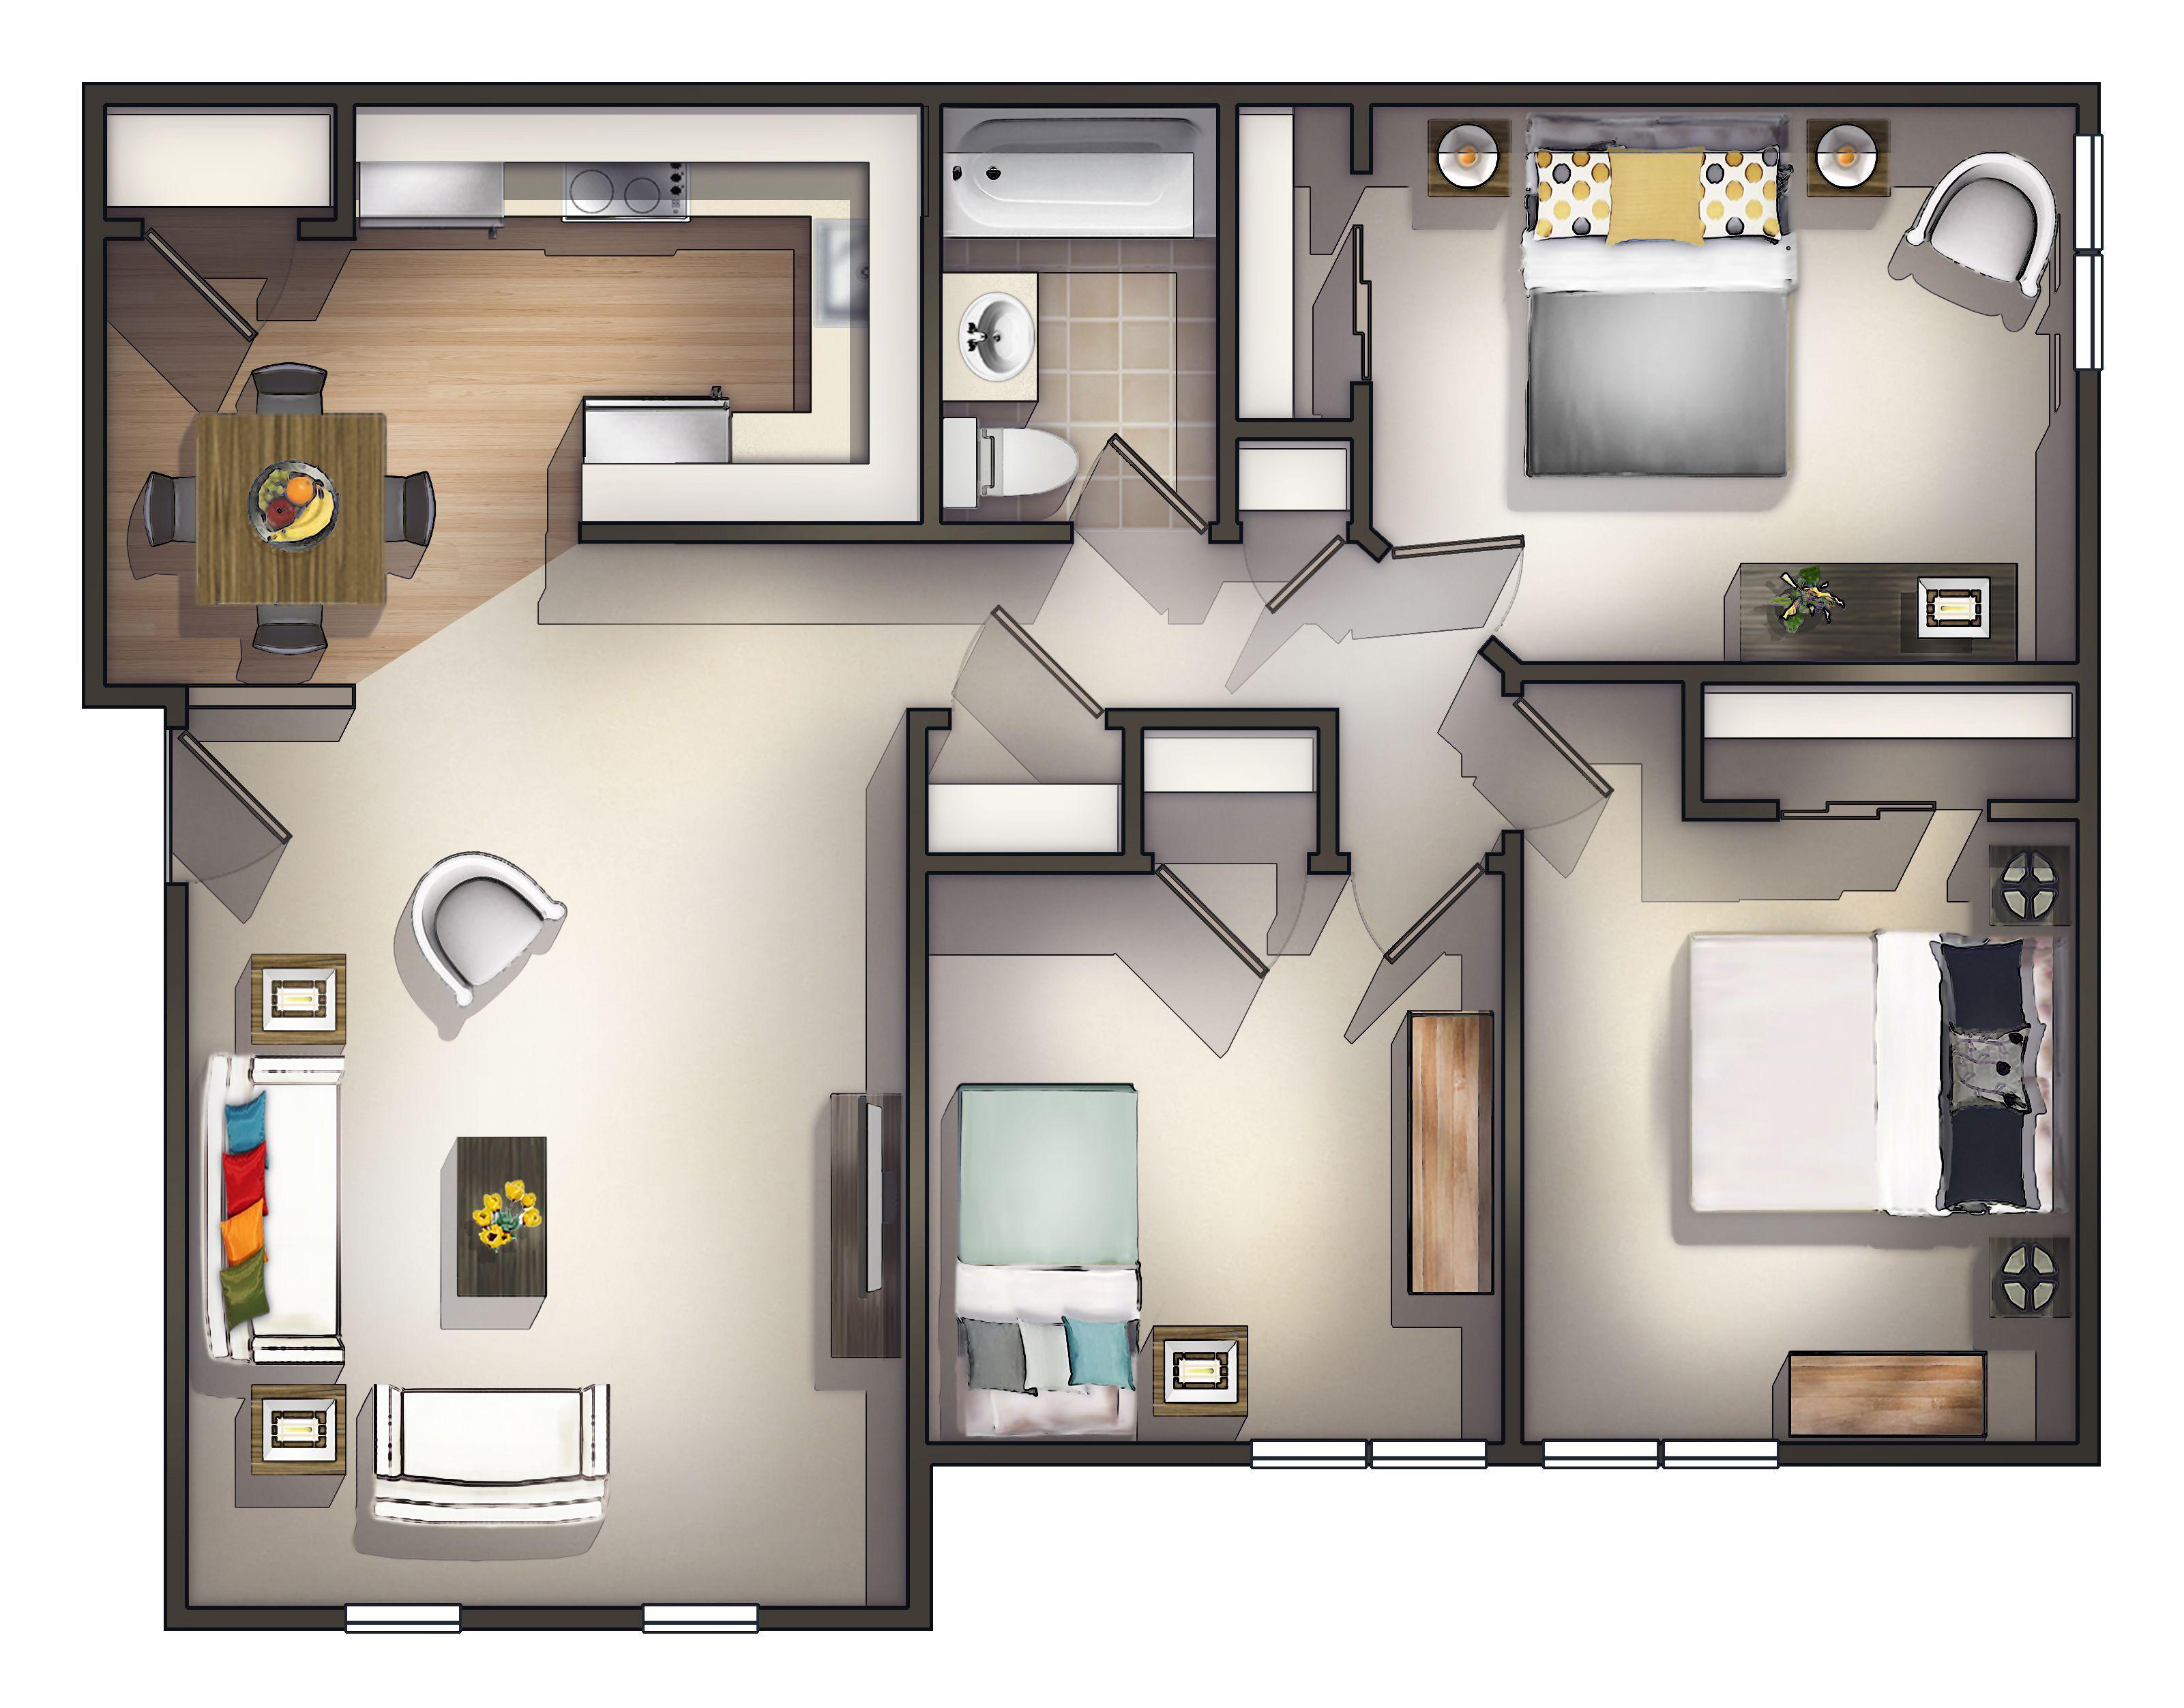 Drei Schlafzimmer Apartments Ideen Die moderne große